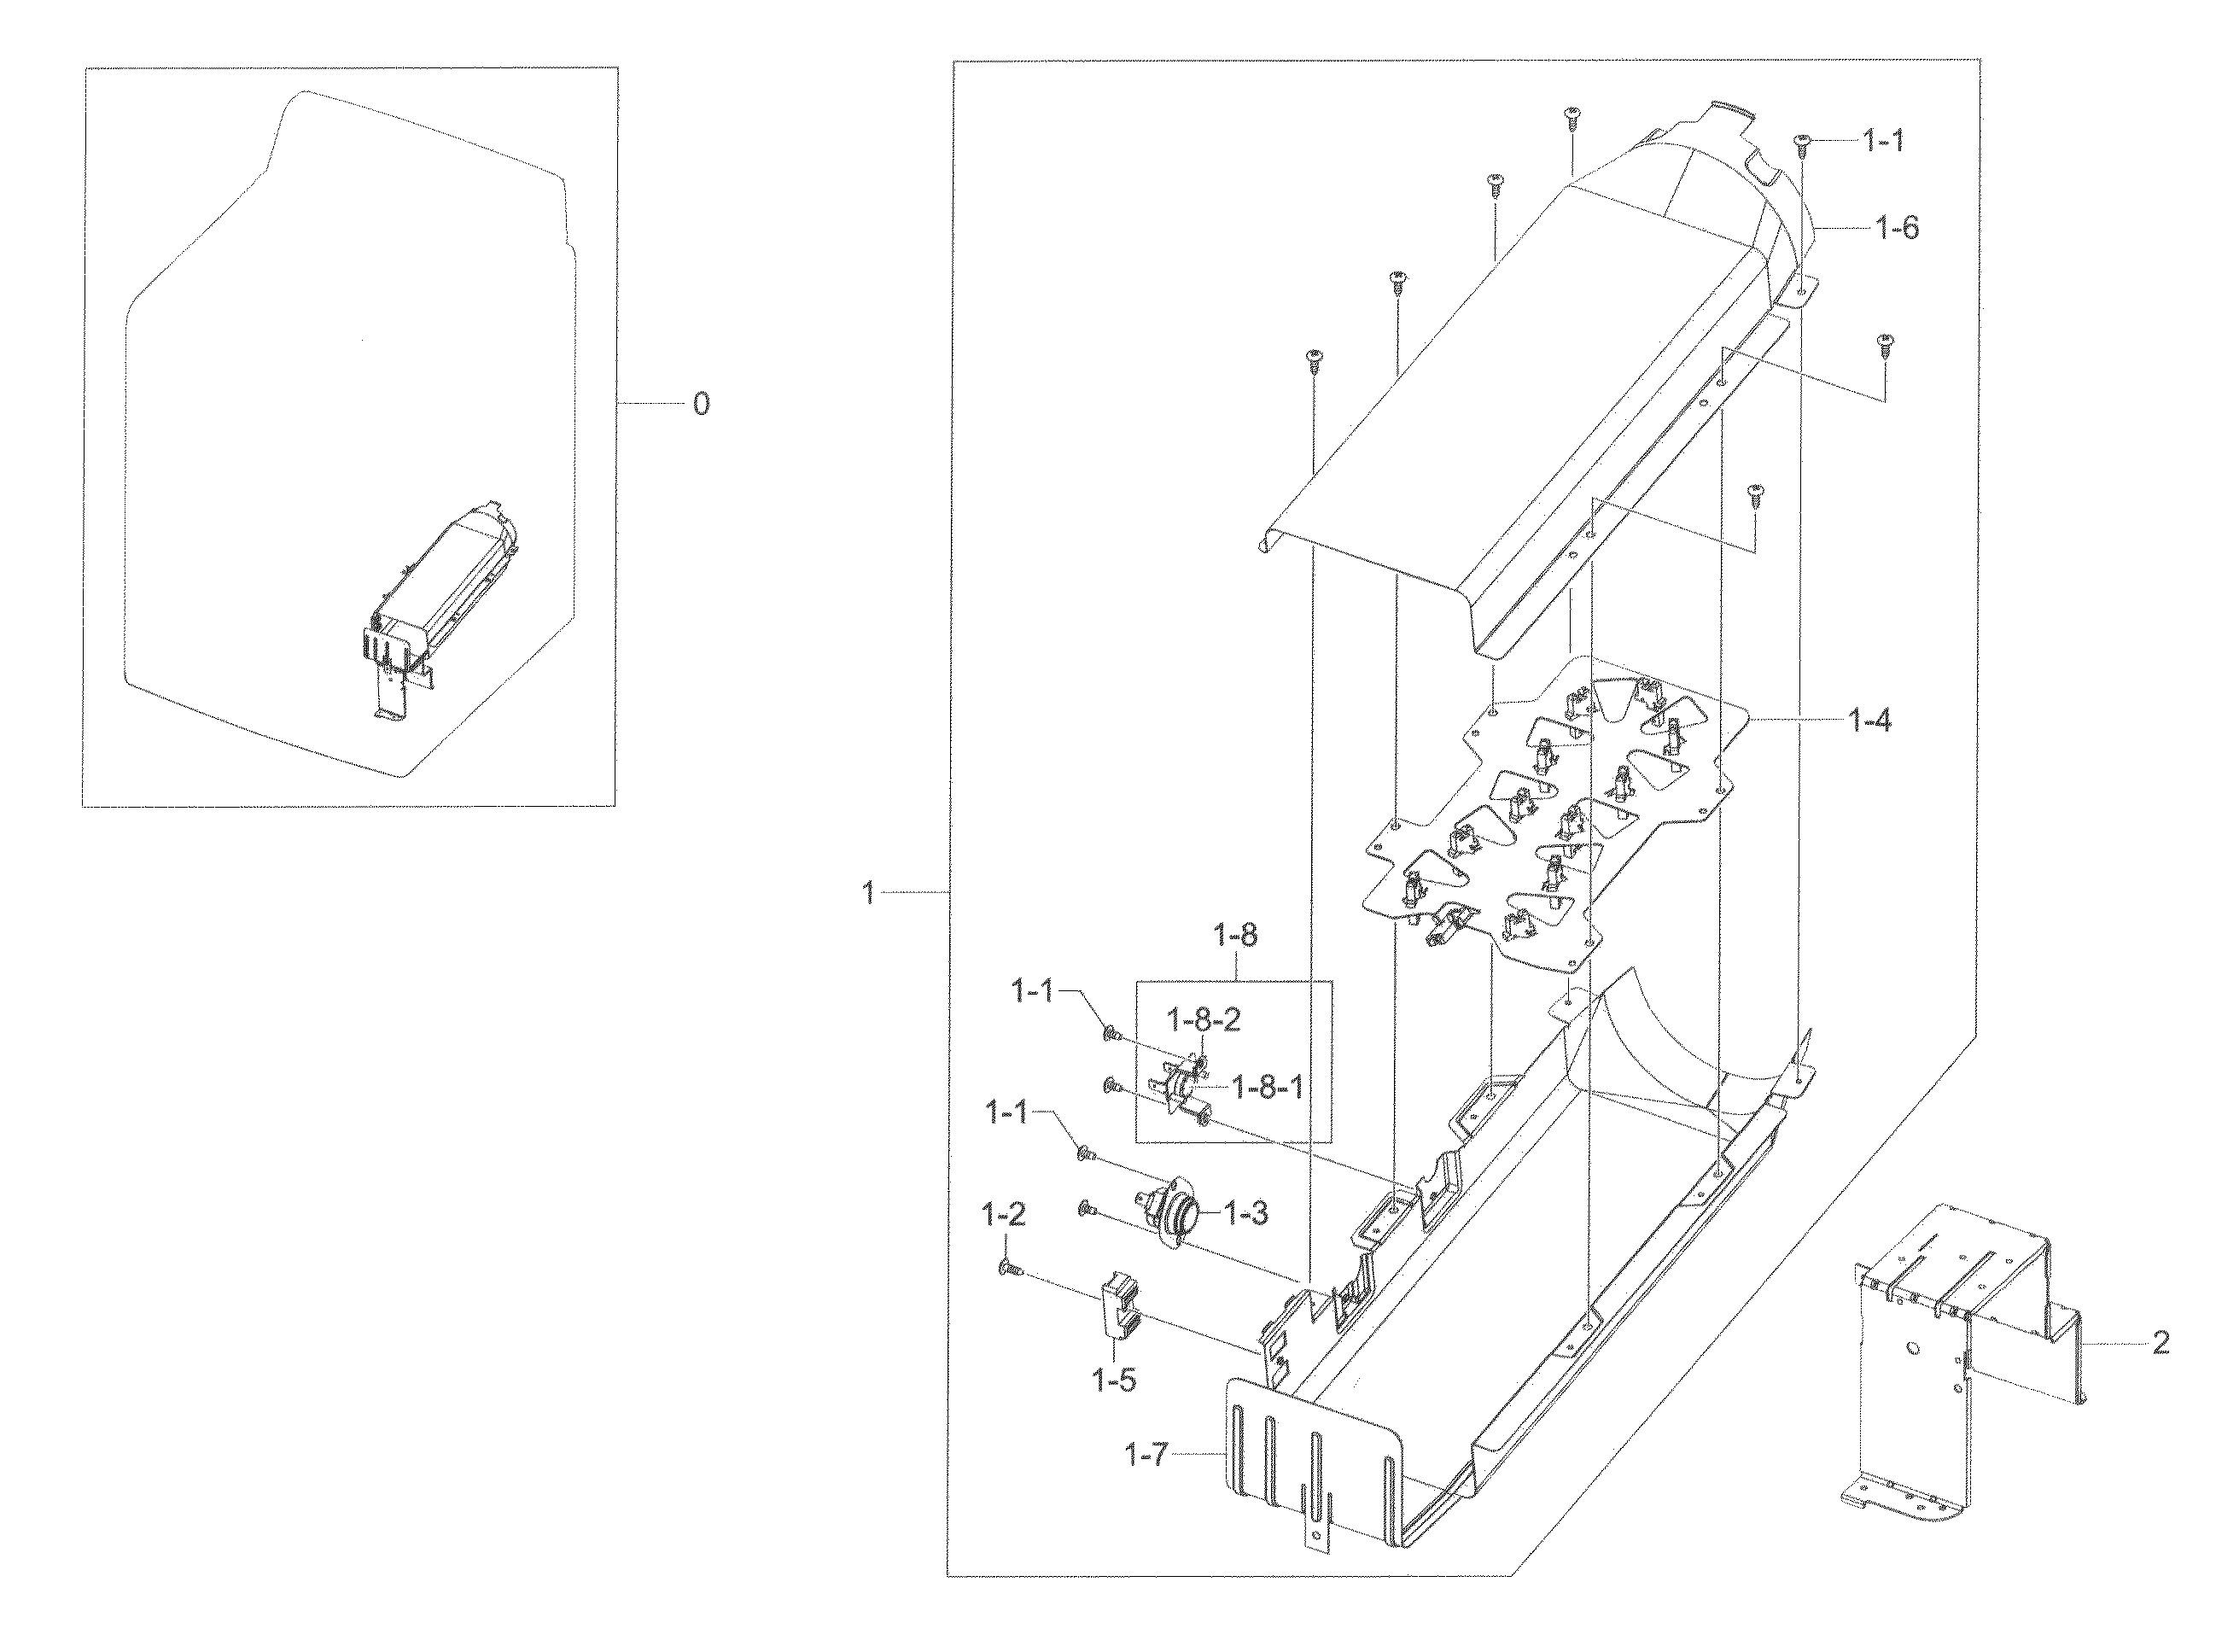 Dv45h7000ew A2 Wiring Diagram Samsung Dv45h7000ew A2 01 Dryer Parts Of Dv45h7000ew A2 Wiring Diagram